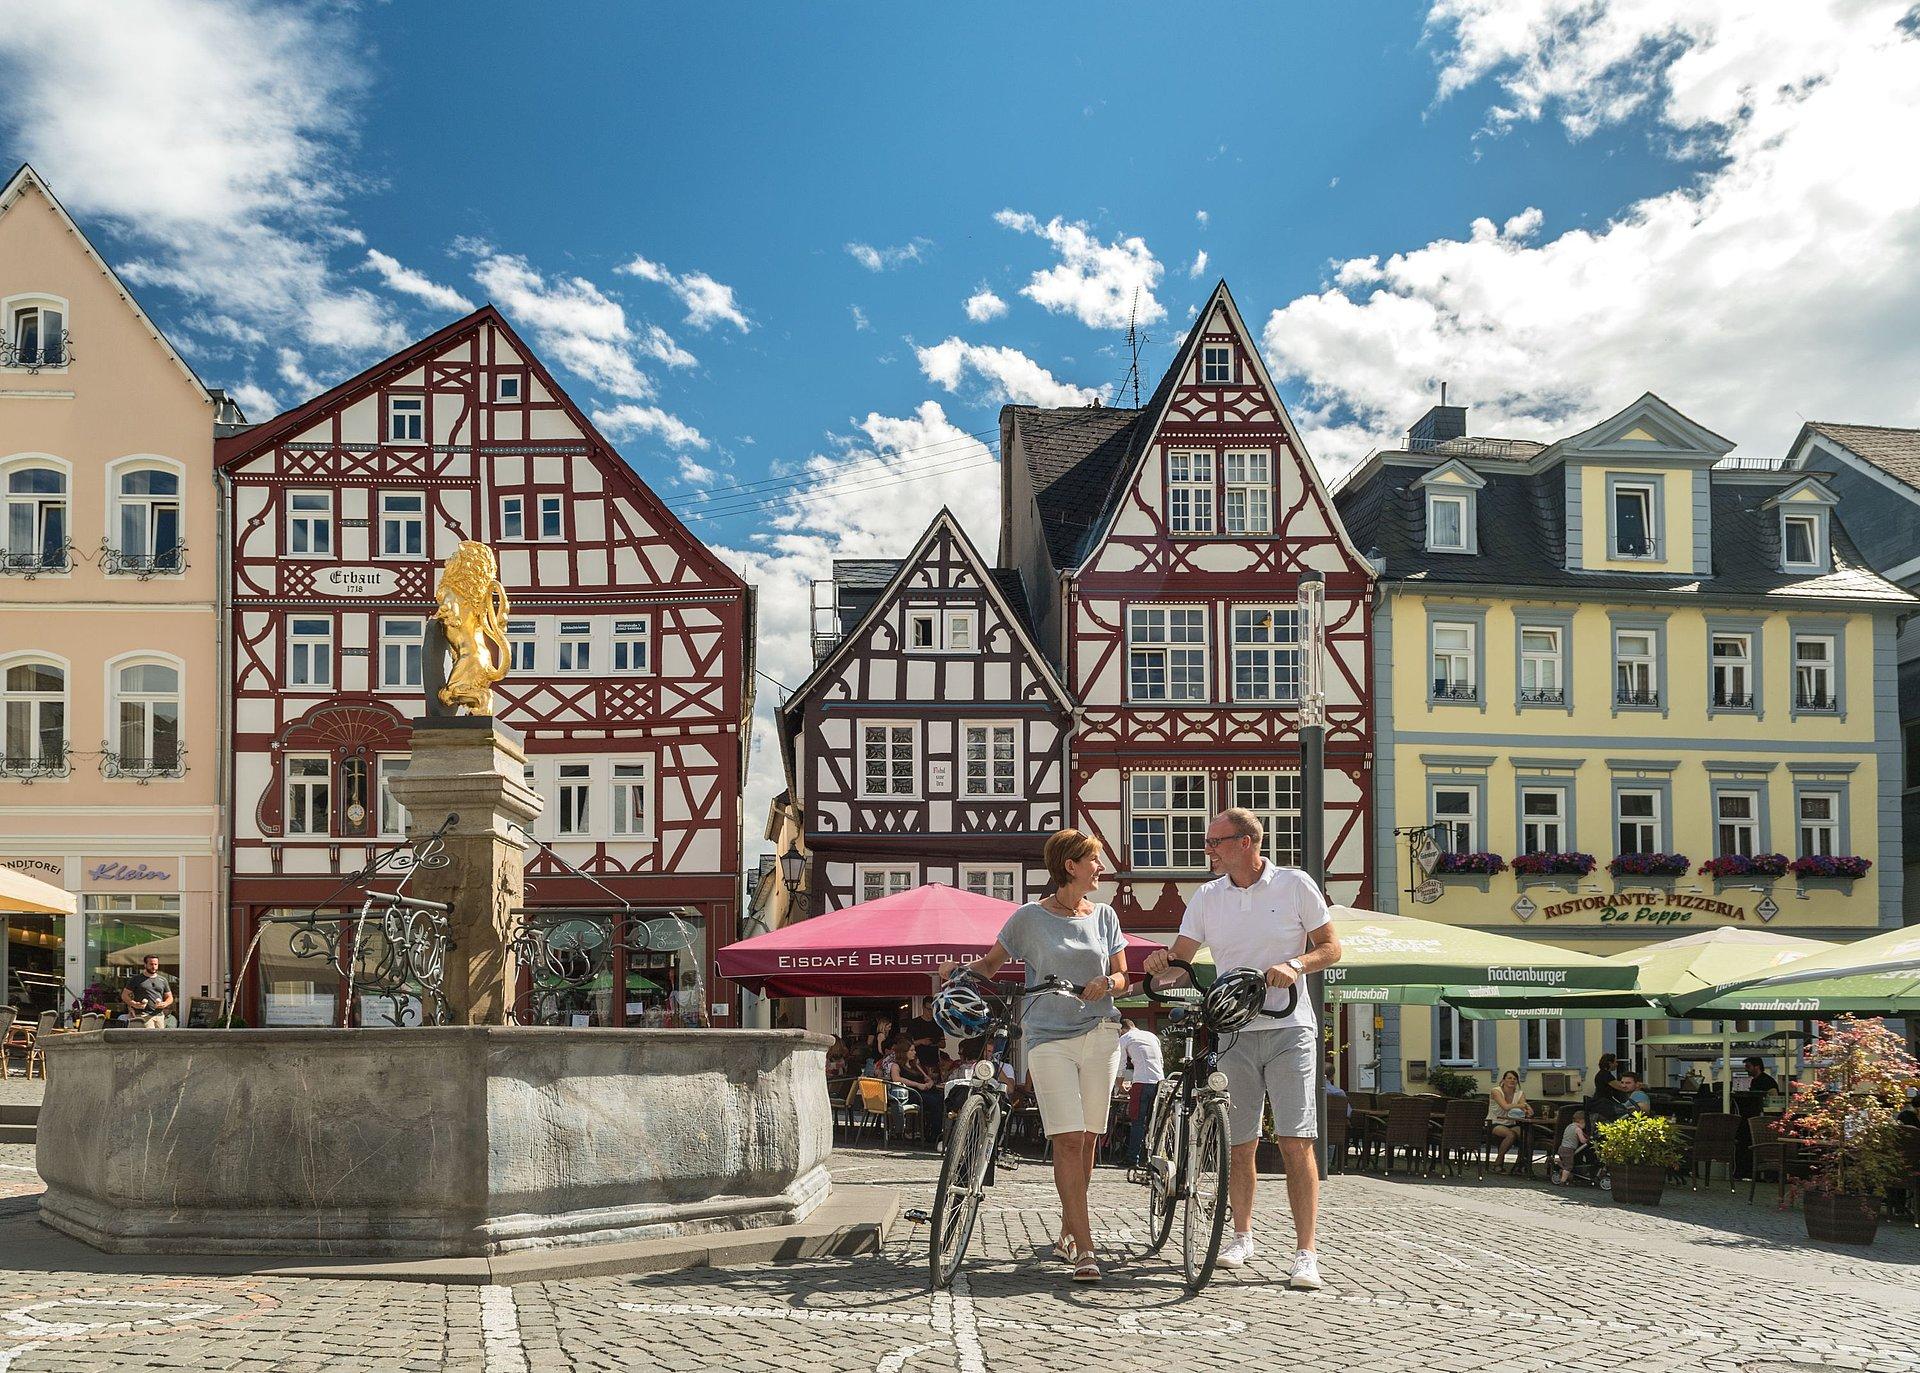 Marktplatz mit Löwenbrunnen in Hachenburg, Westerwald